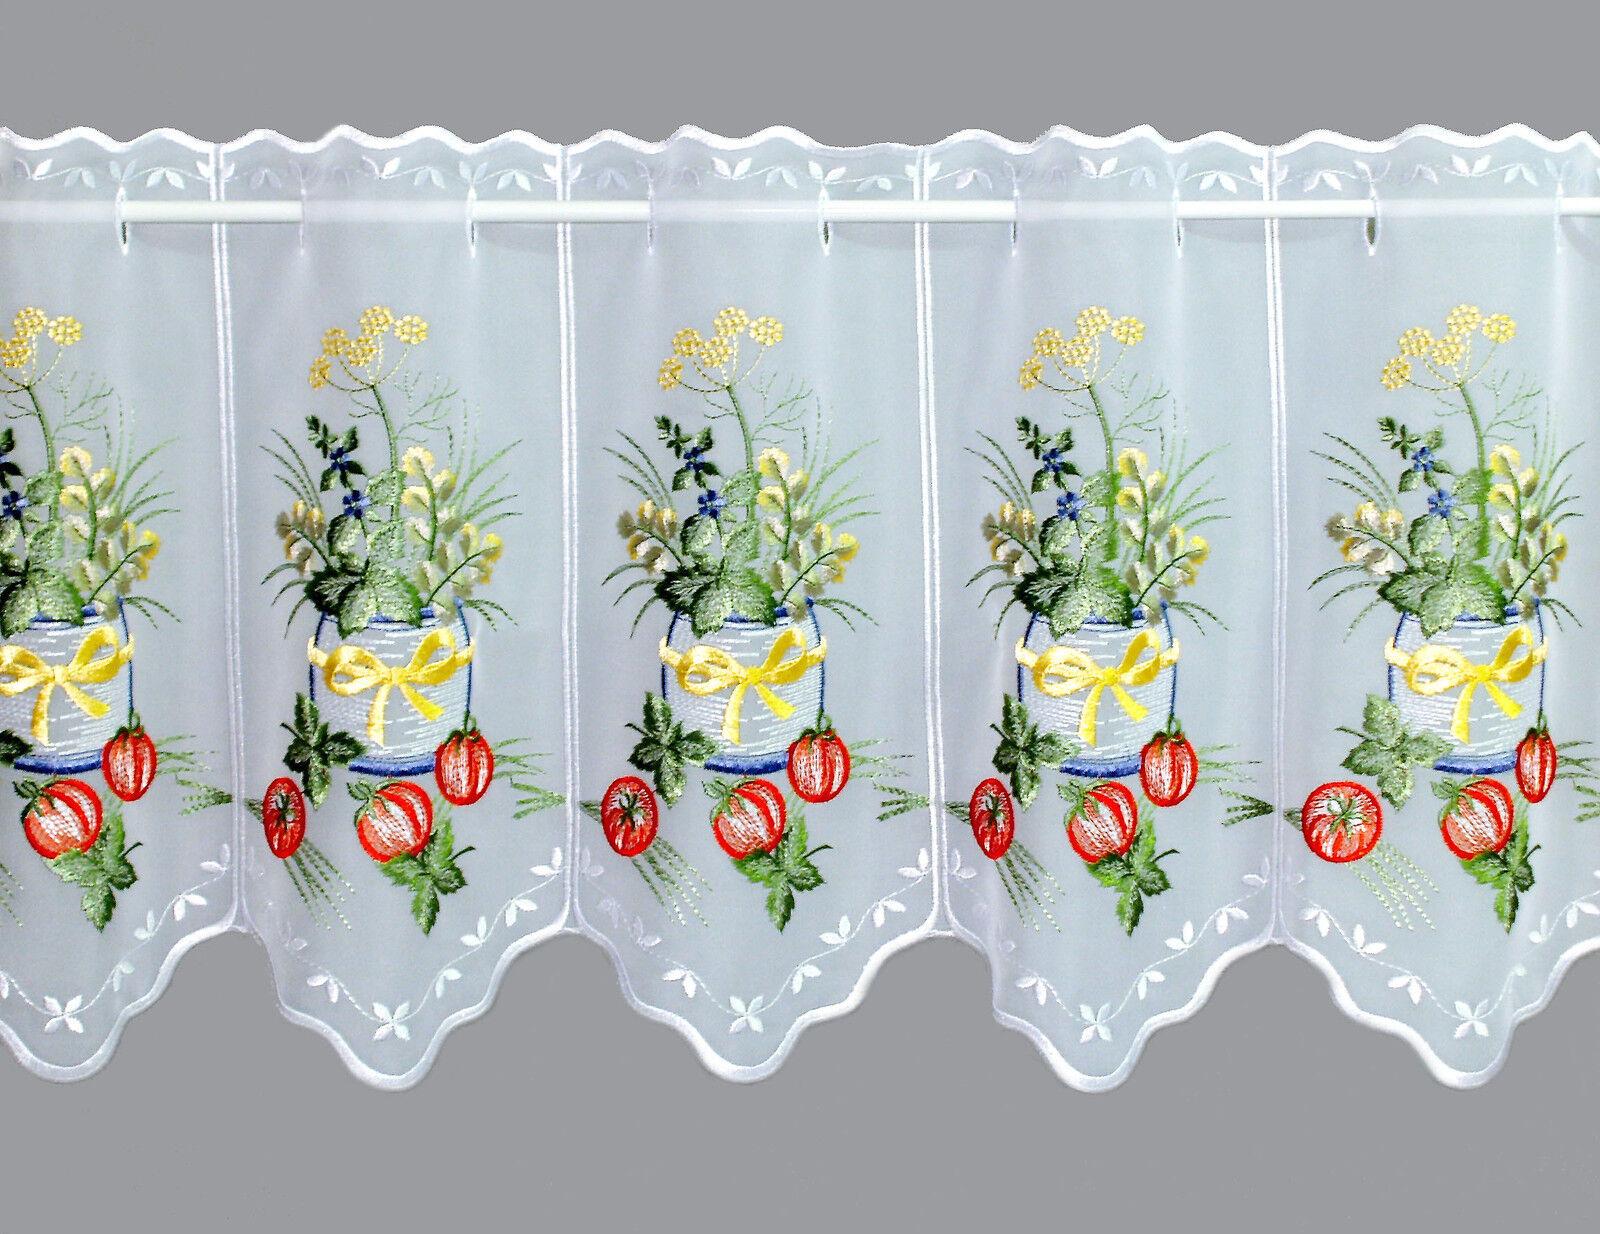 Bistrogardine Küchengardine Scheibengardine Kräutertopf Plauener Spitze Spitze Spitze 2 Höhen | Das hochwertigste Material  89fcd1